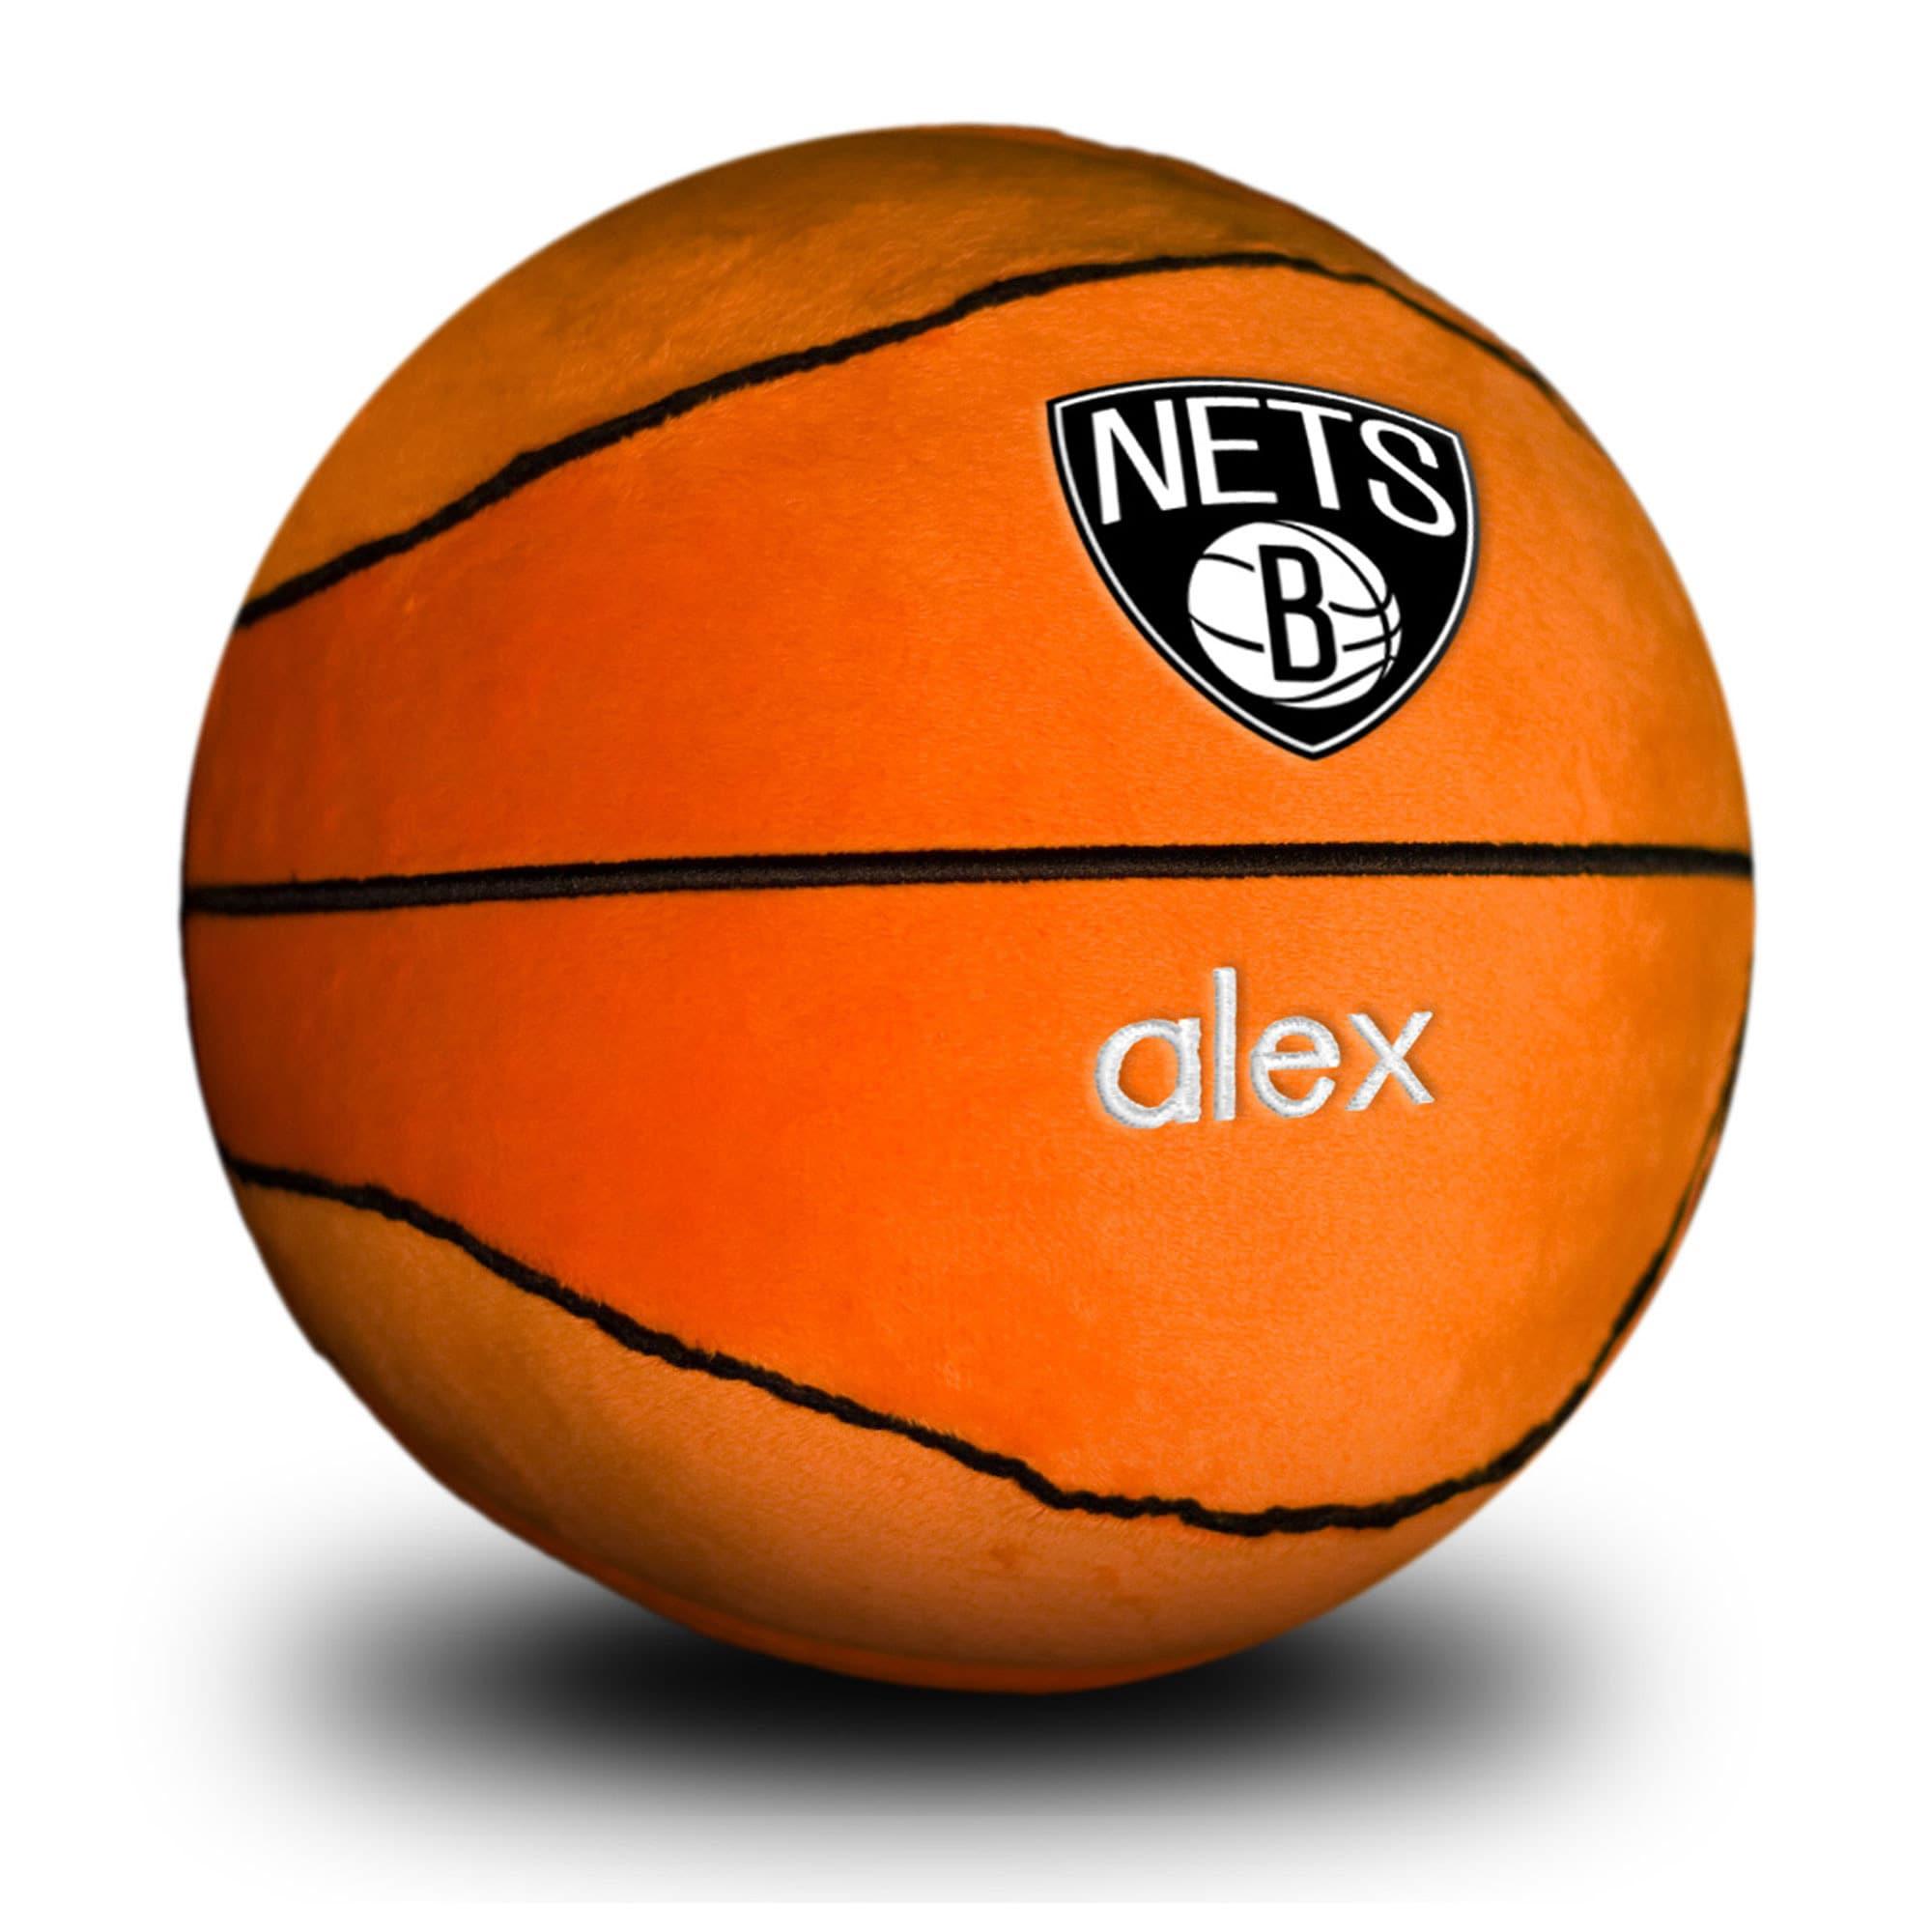 Brooklyn Nets Personalized Plush Baby Basketball - Orange